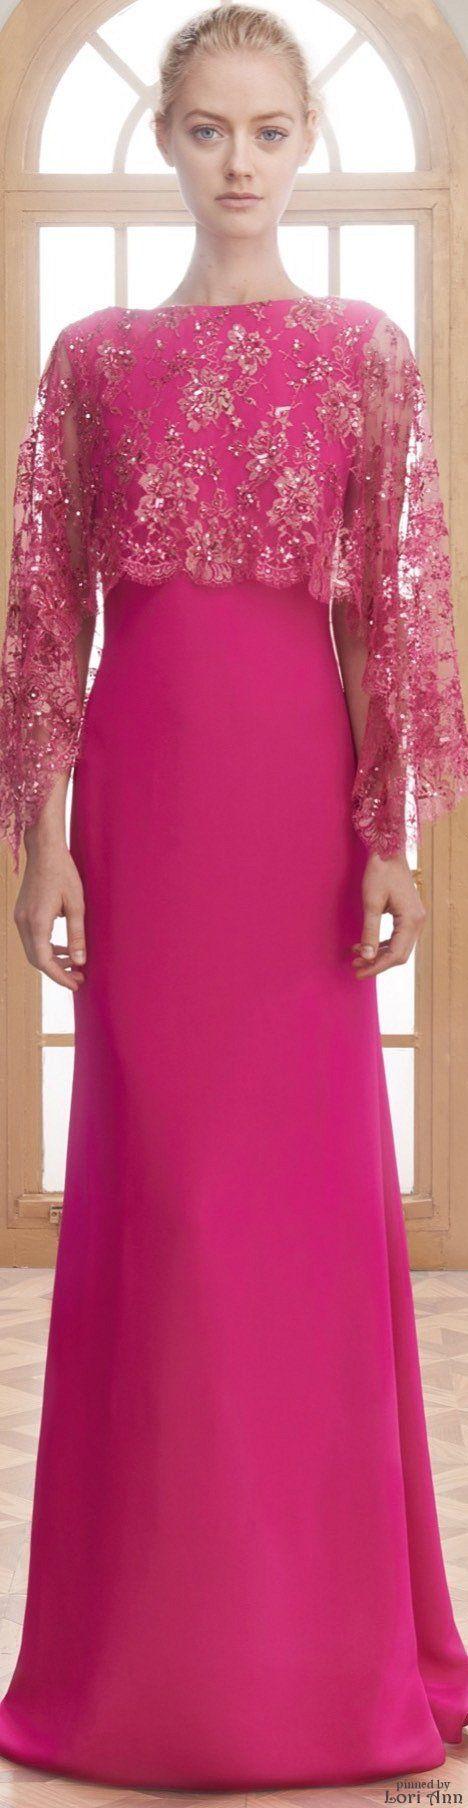 Reem Acra Resort 2016   Gowns, evening dress, ballroom,   Pinterest ...